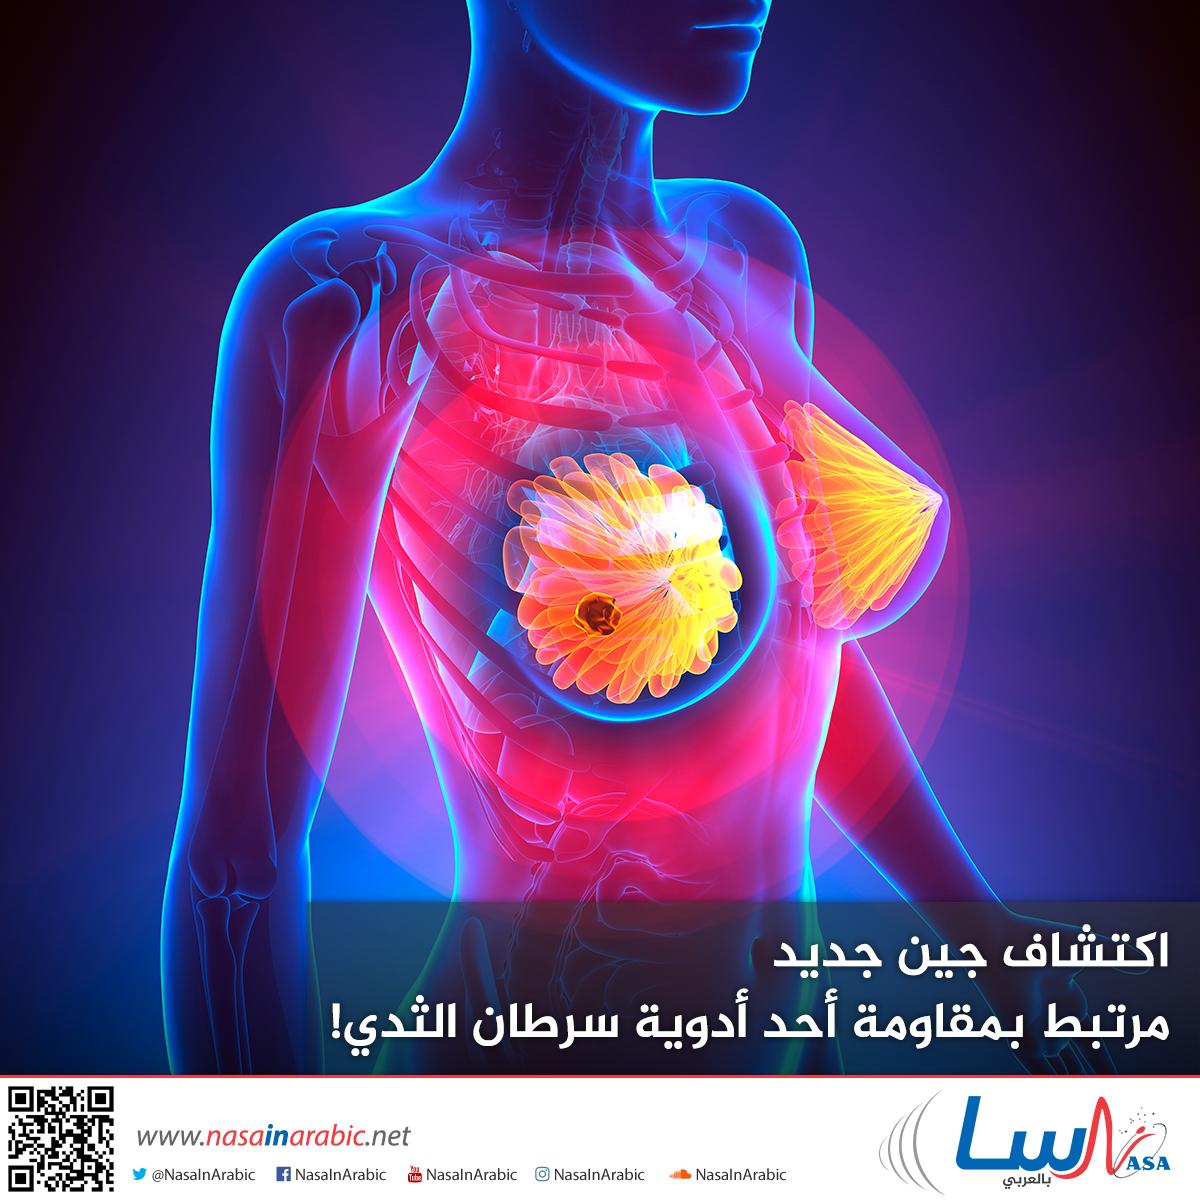 اكتشاف جين جديد مرتبط بمقاومة أحد أدوية سرطان الثدي!